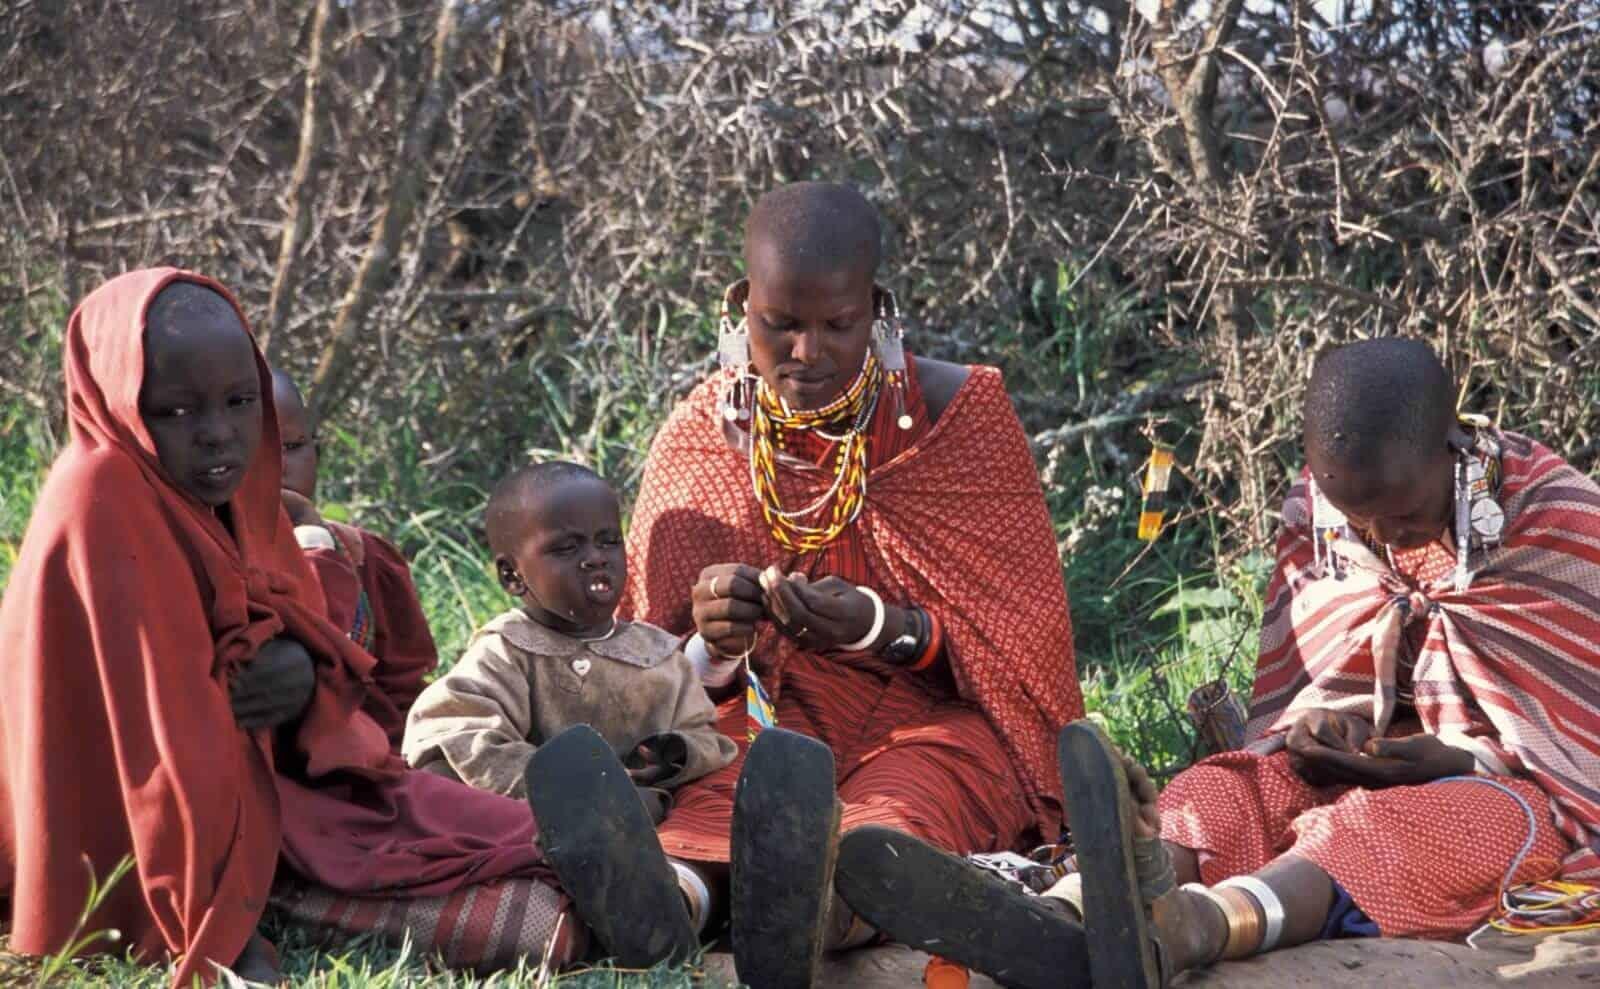 Frauen und Kinder in Tansania